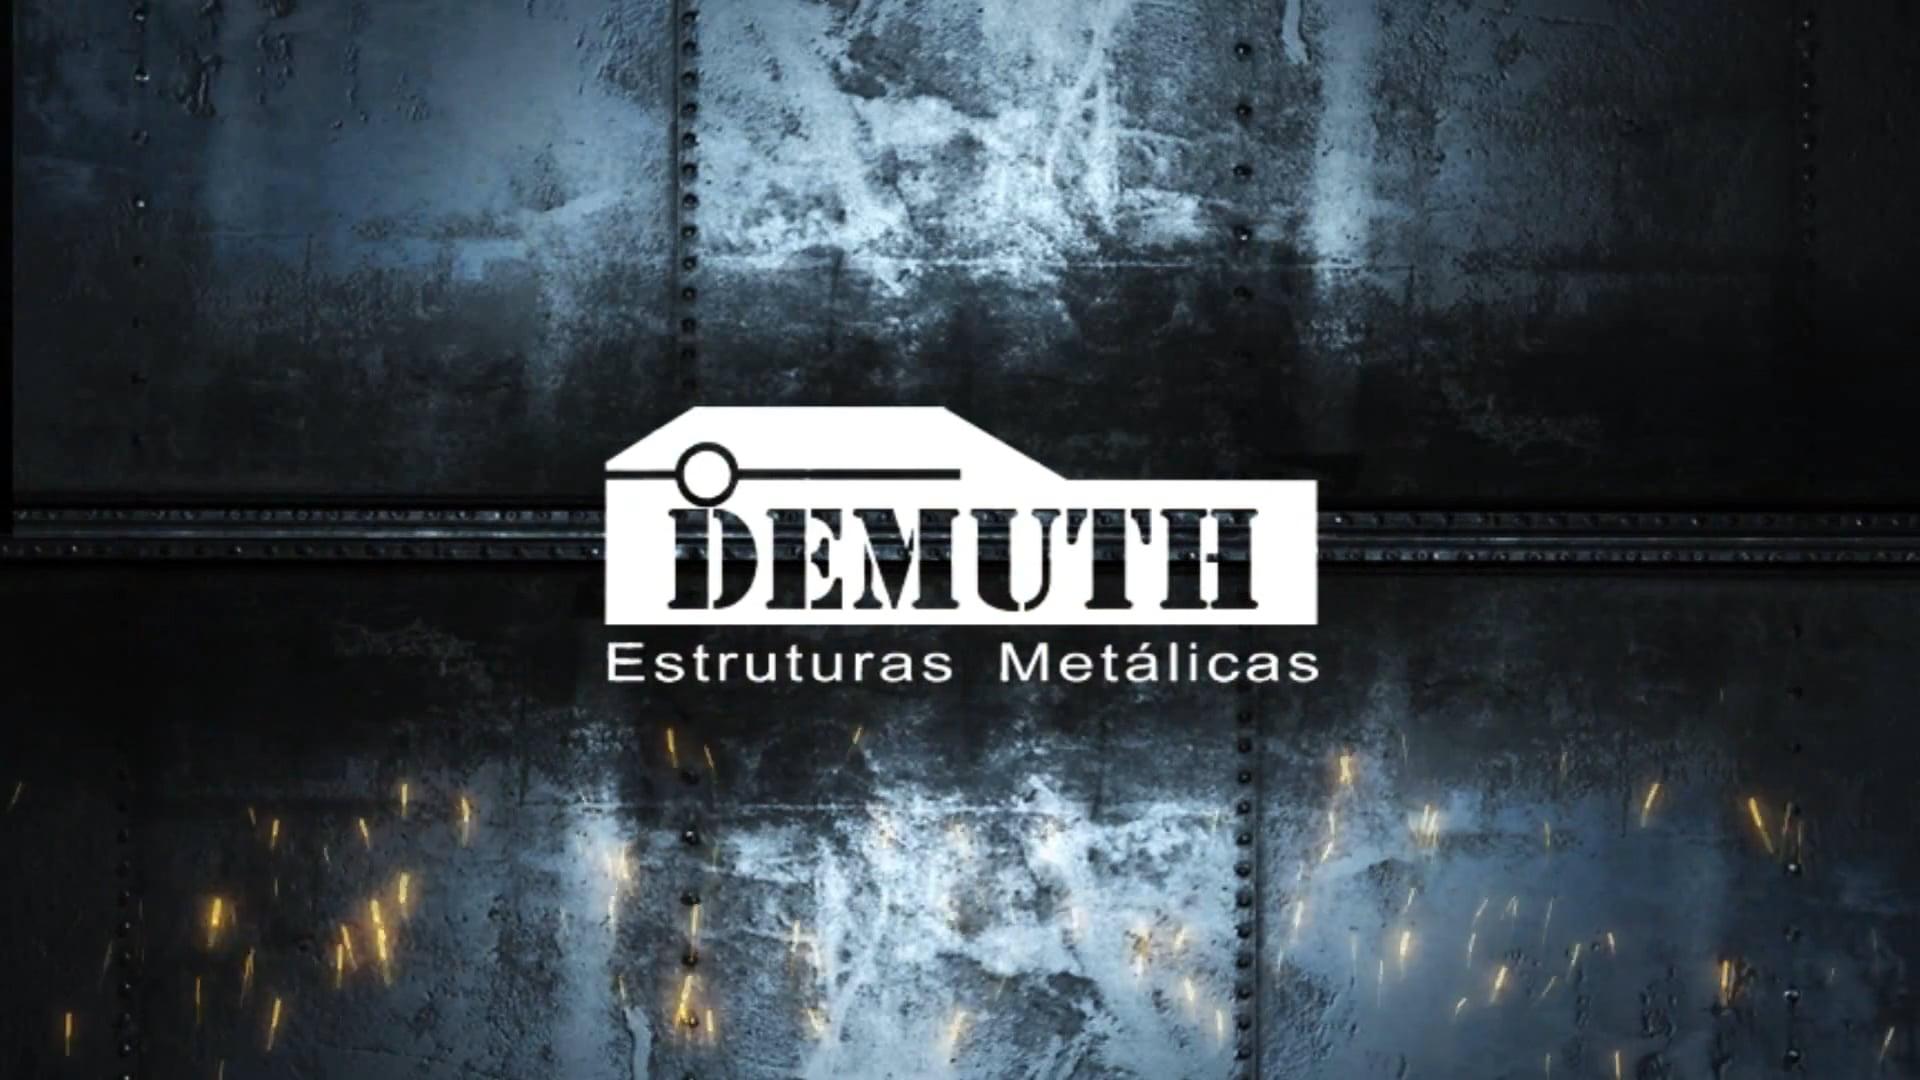 DEMUTH Estruturas Metálicas - Metallic Structures